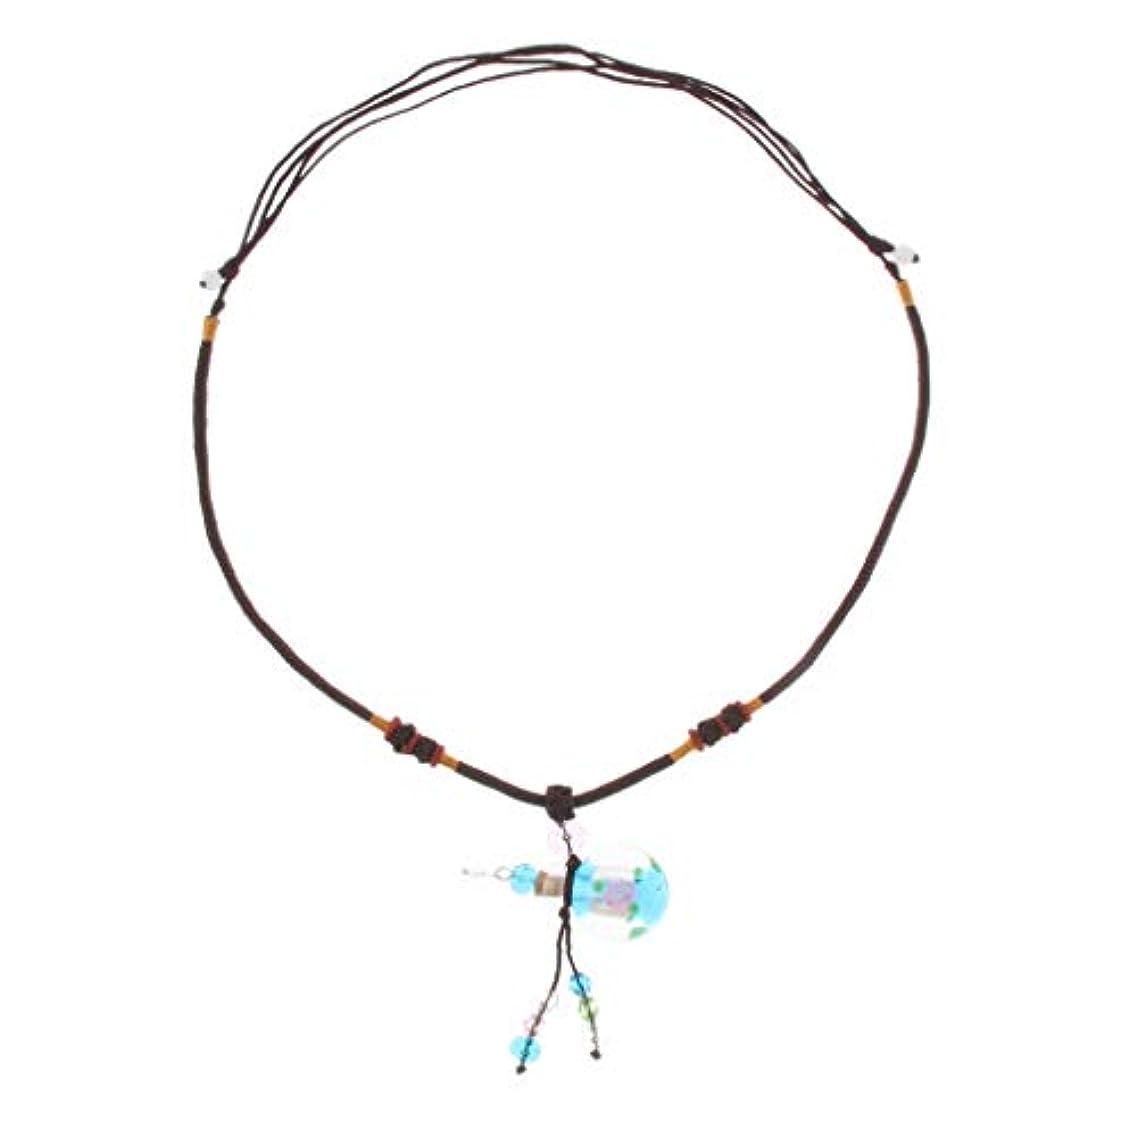 フェンスハム標準香水ネックレス ミニ グラスロケット ネックレス 香水ディフューザー 4色選べ - ライトブルー